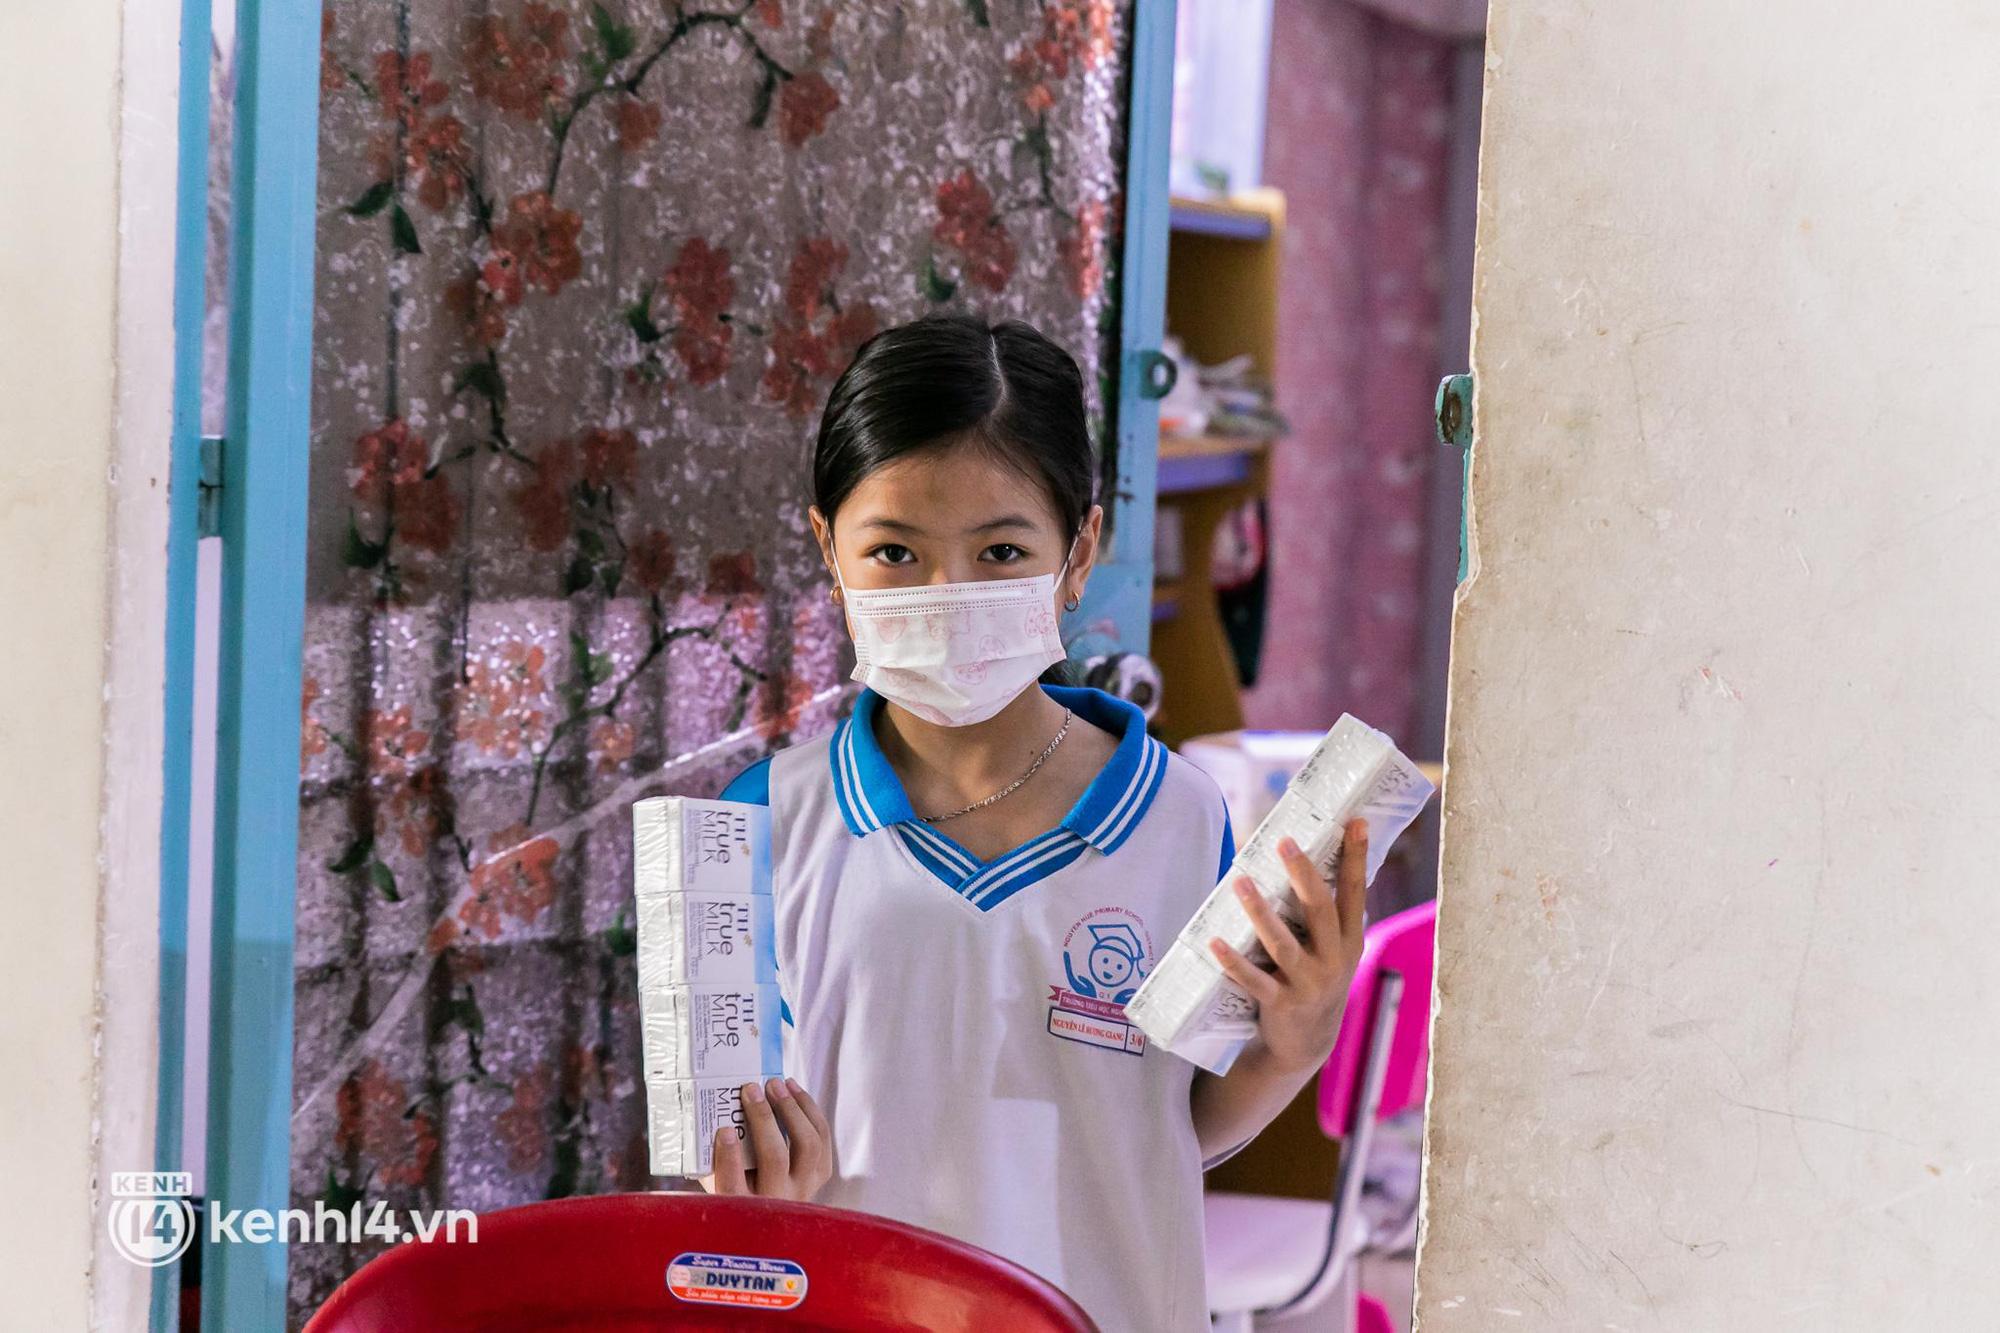 Ấm lòng mùa dịch: Trân quý những ly sữa tươi sạch tiếp sức trẻ nhỏ Sài Gòn - Ảnh 6.